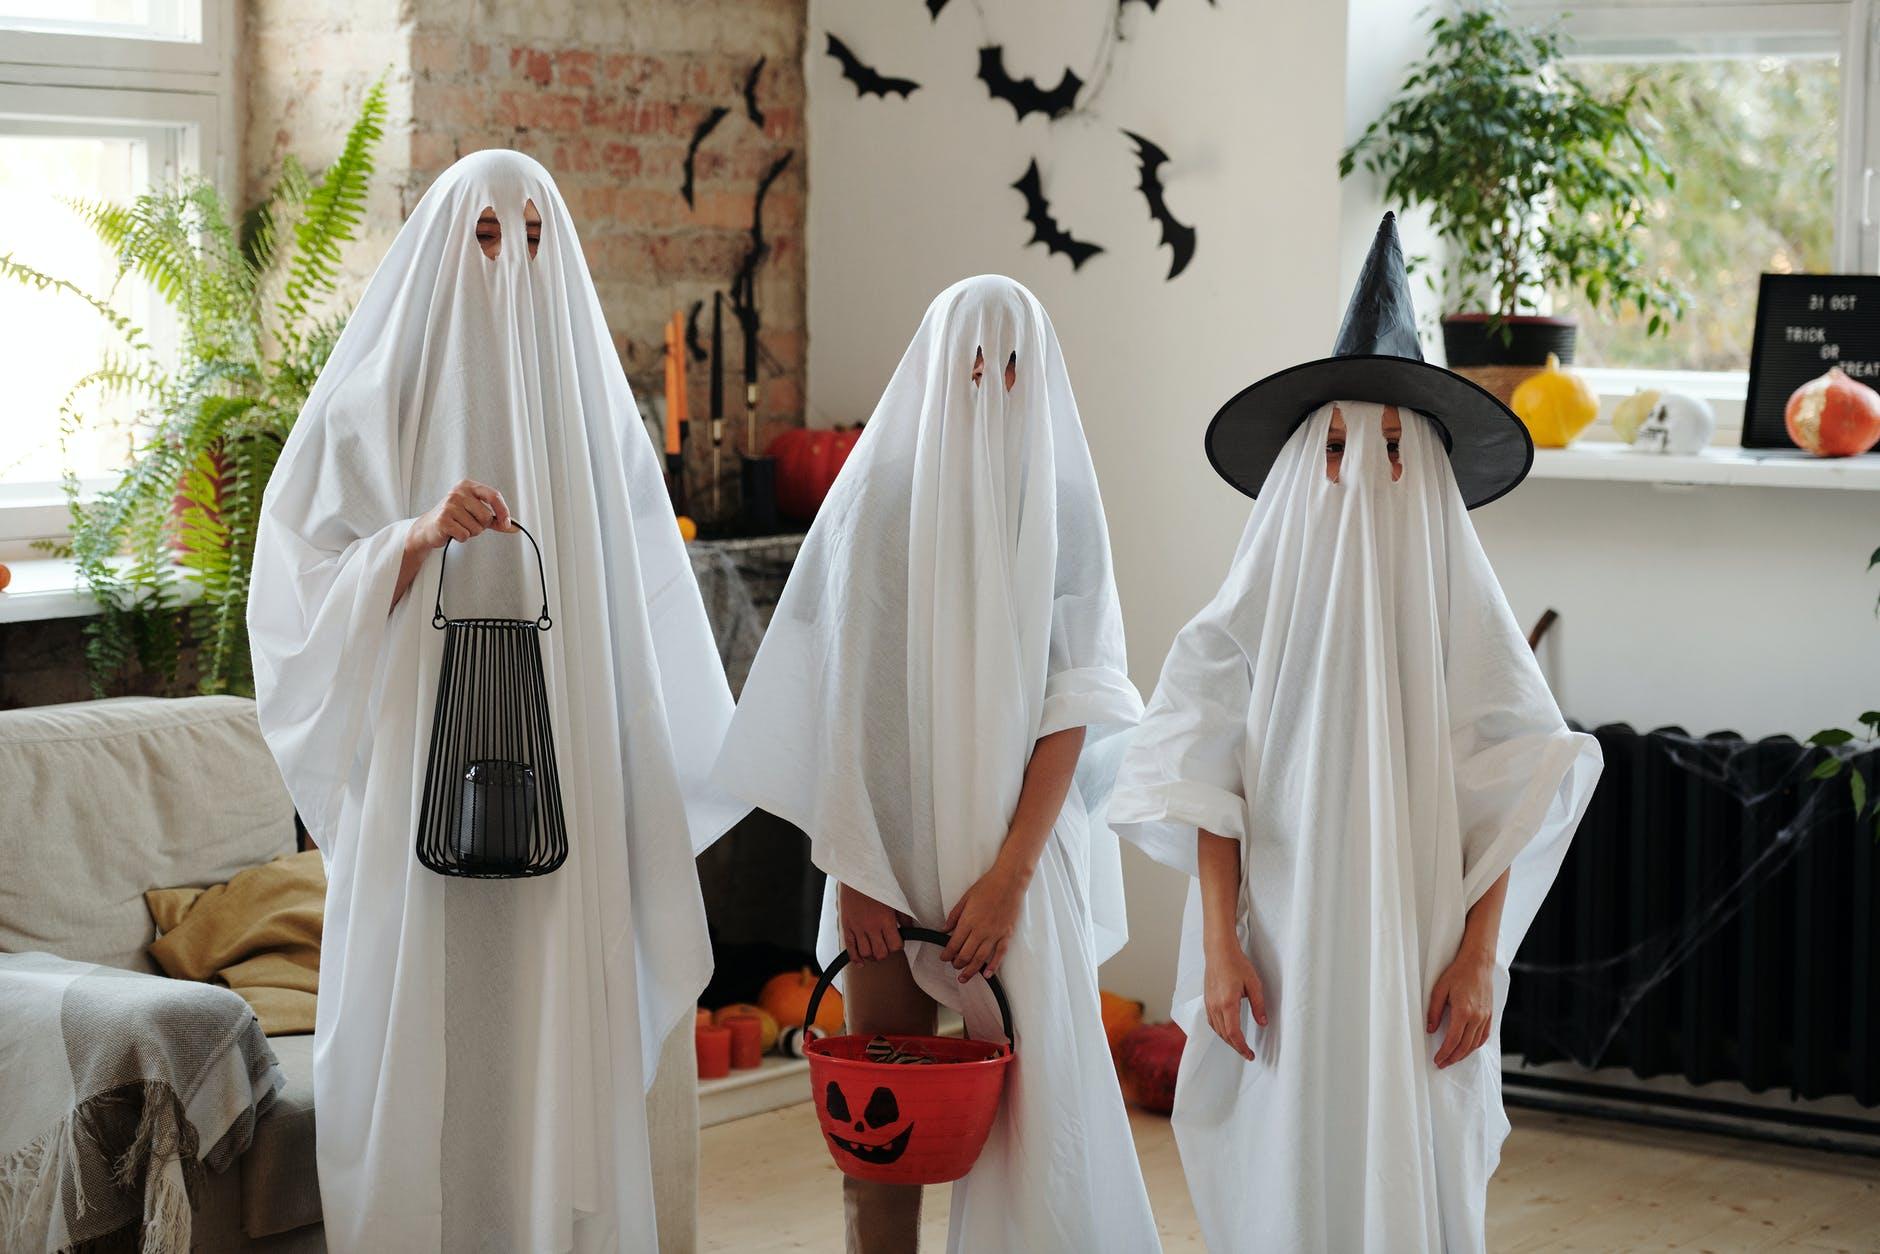 ghosts-mask-children-halloween